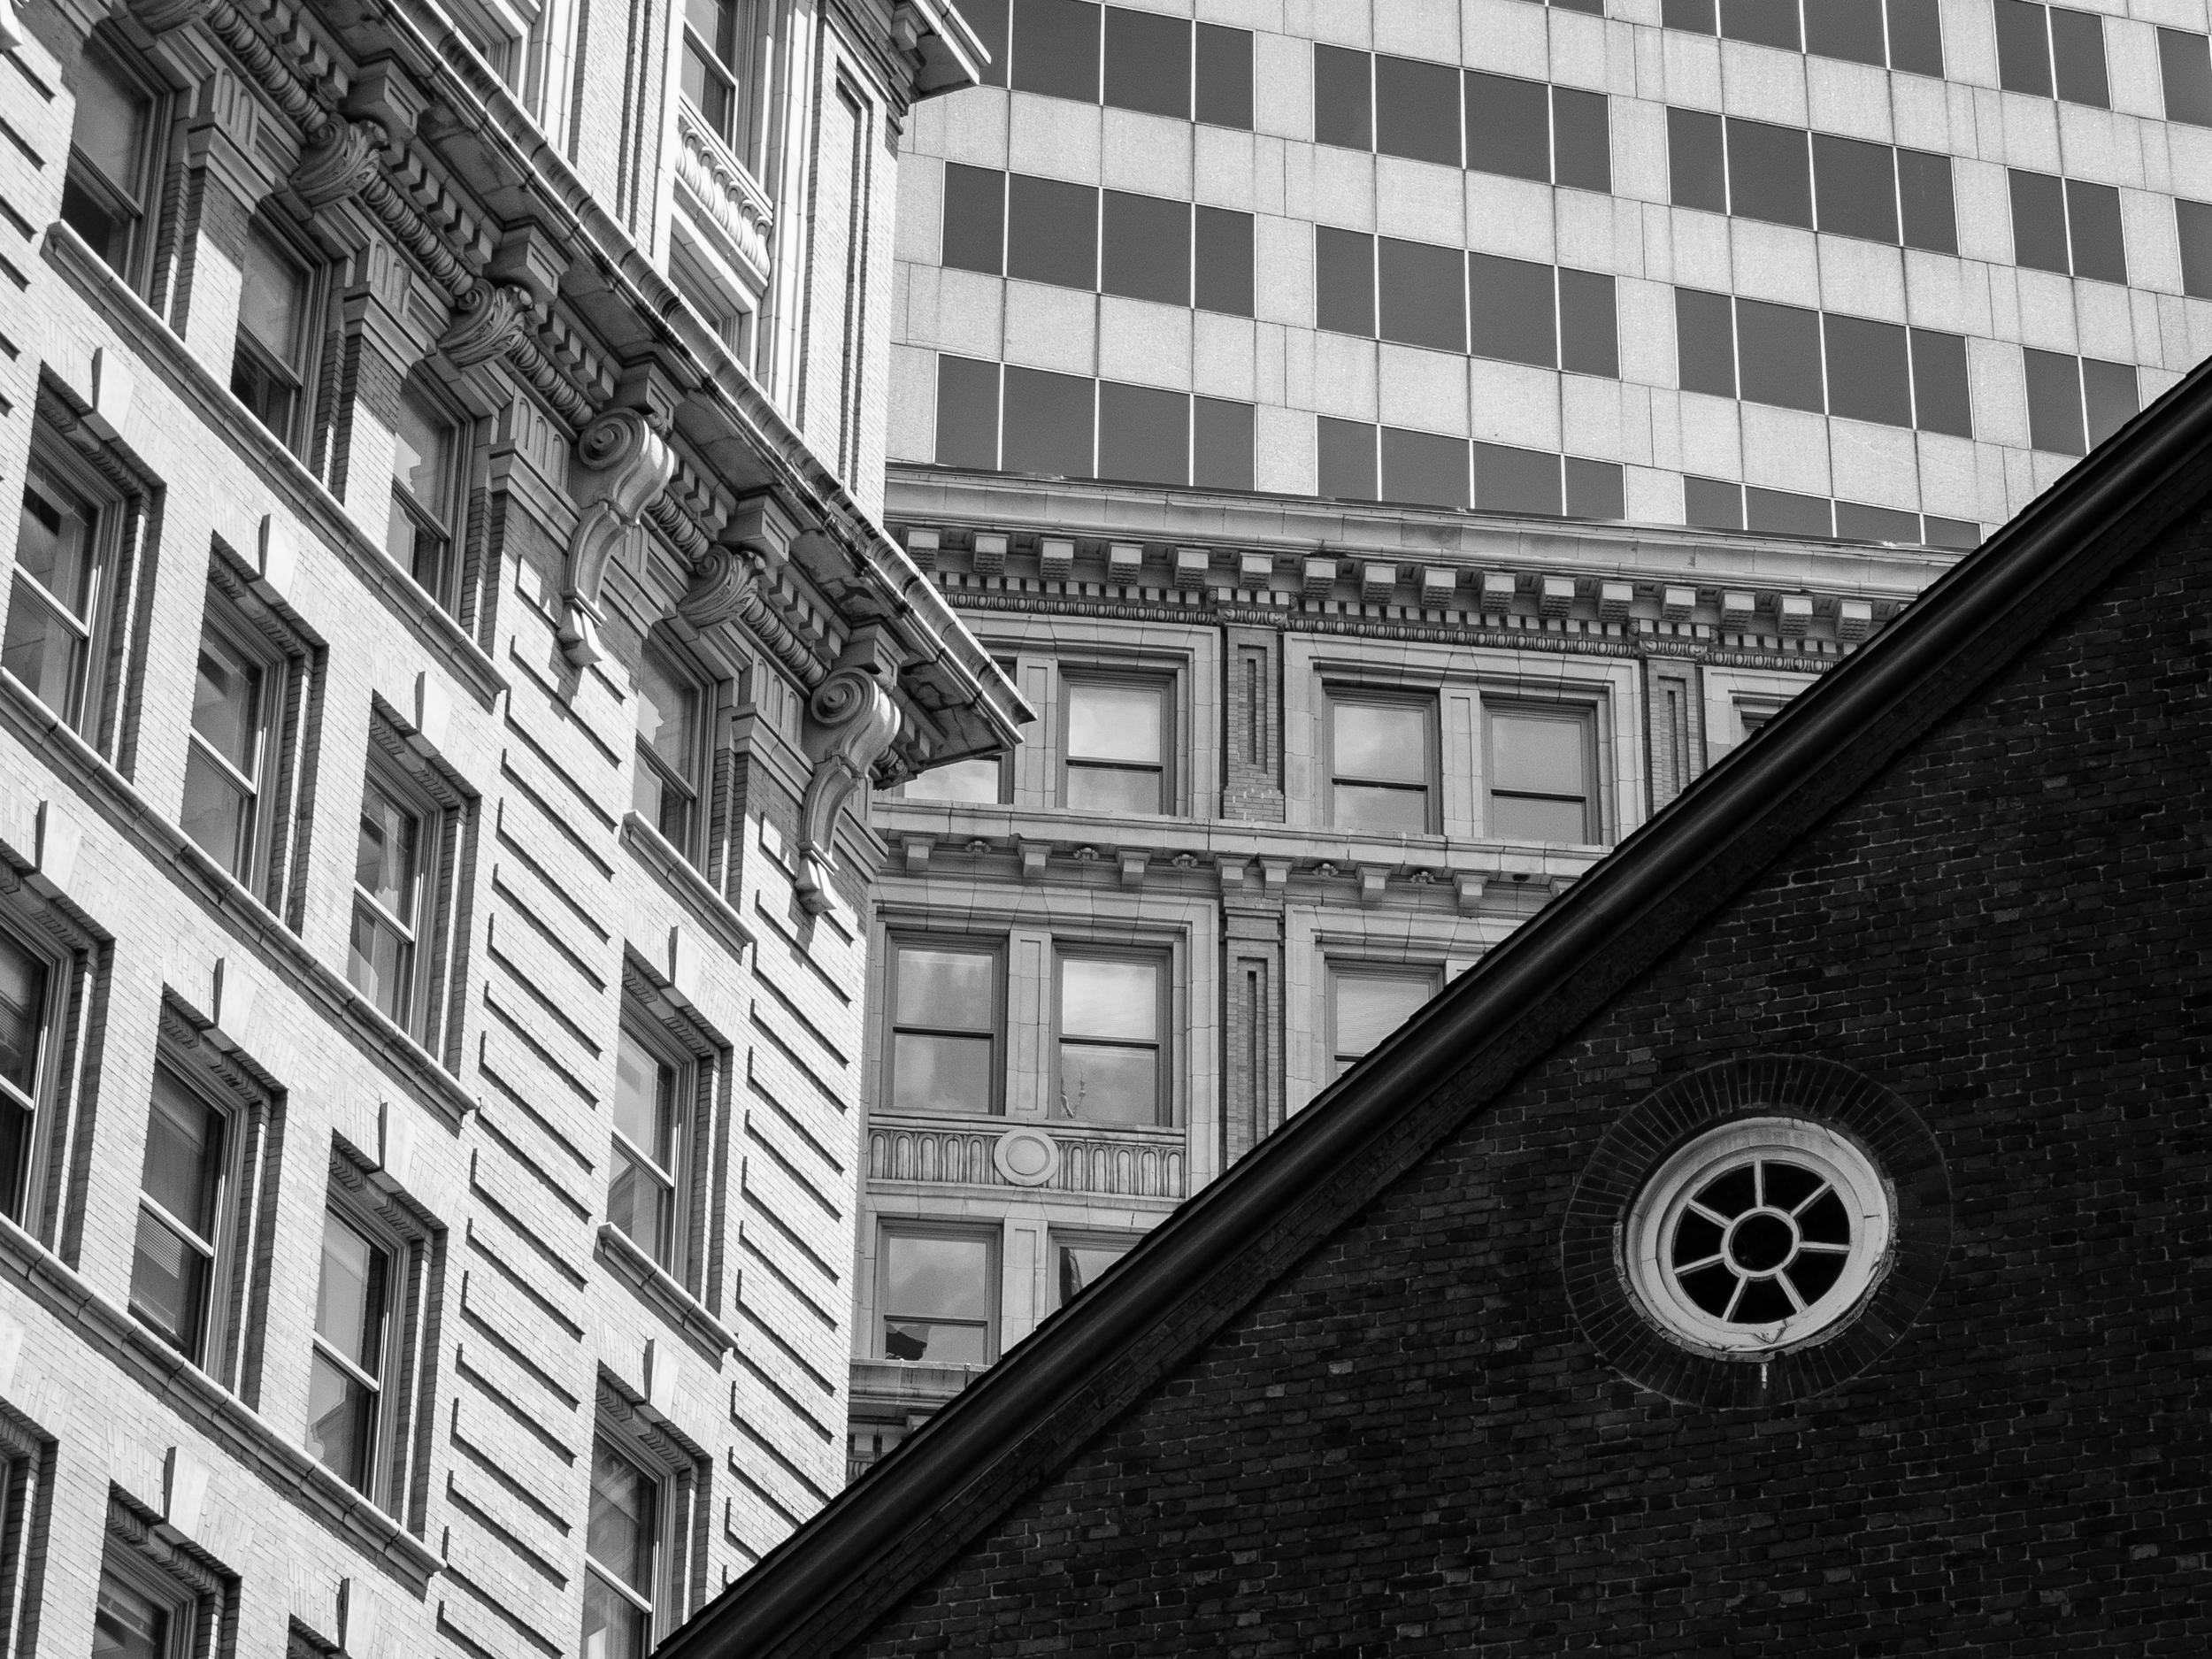 foto architettura federico ambrosi